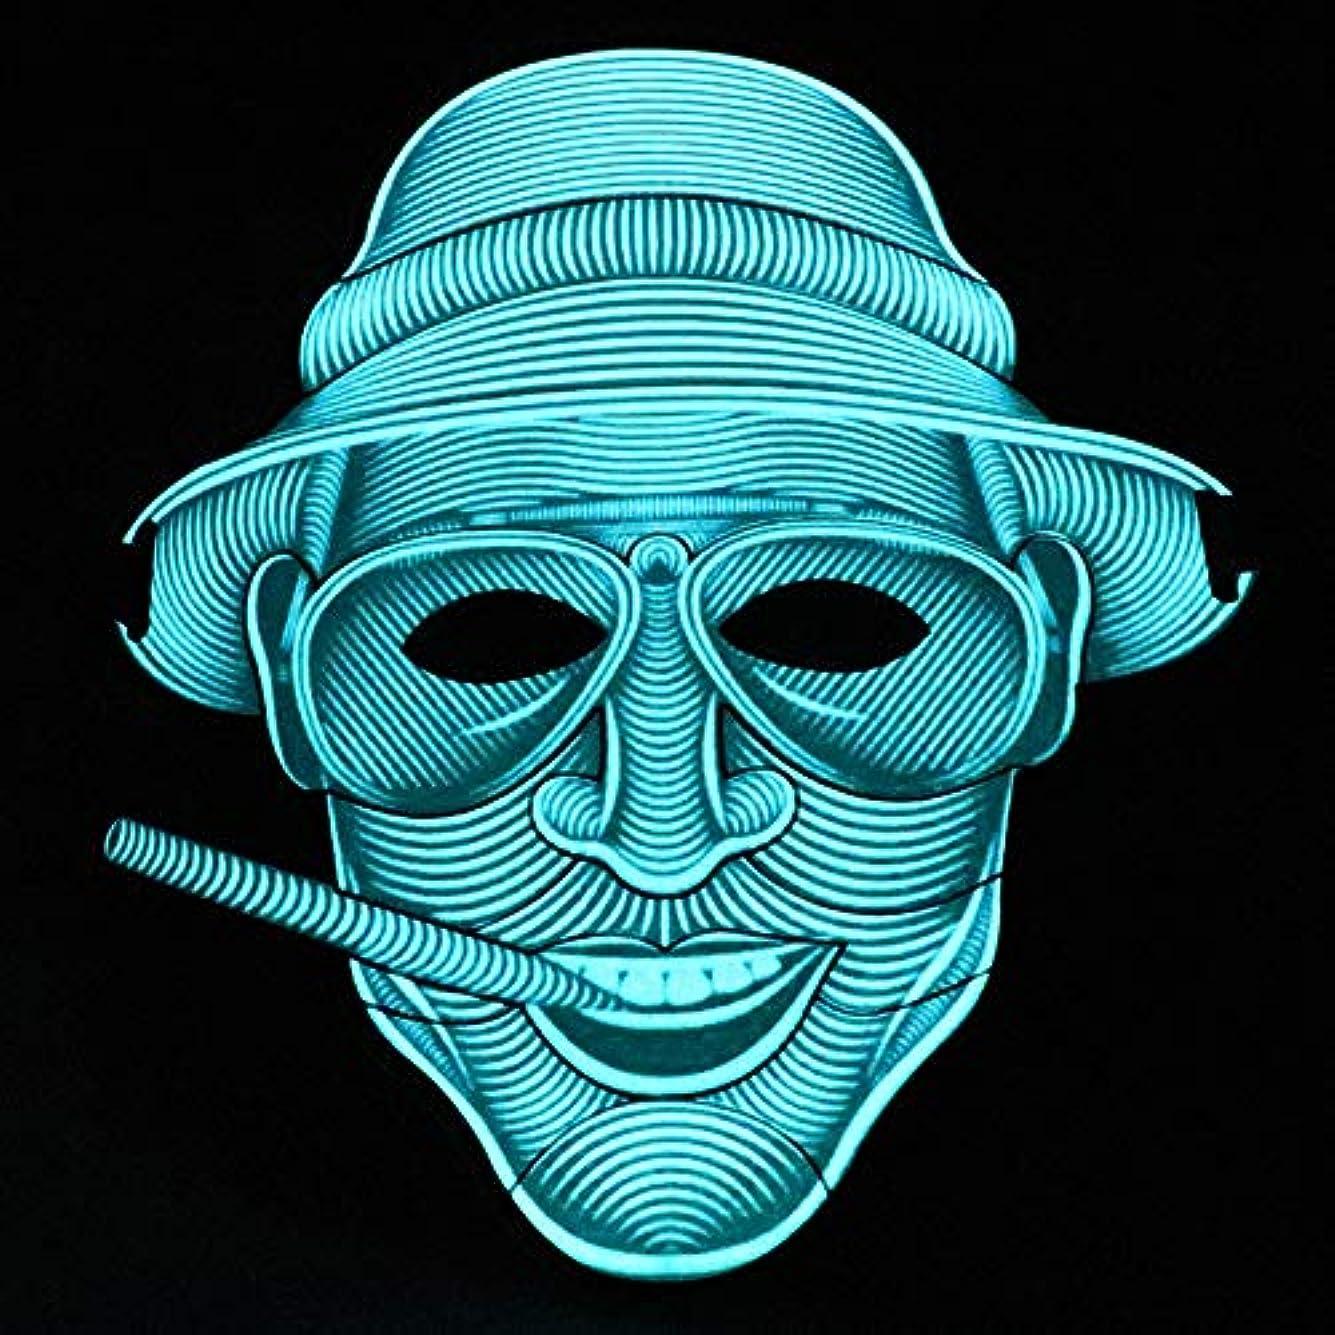 着実にノベルティエンティティ照らされたマスクLED創造的な冷光音響制御マスクハロウィンバーフェスティバルダンスマスク (Color : #6)